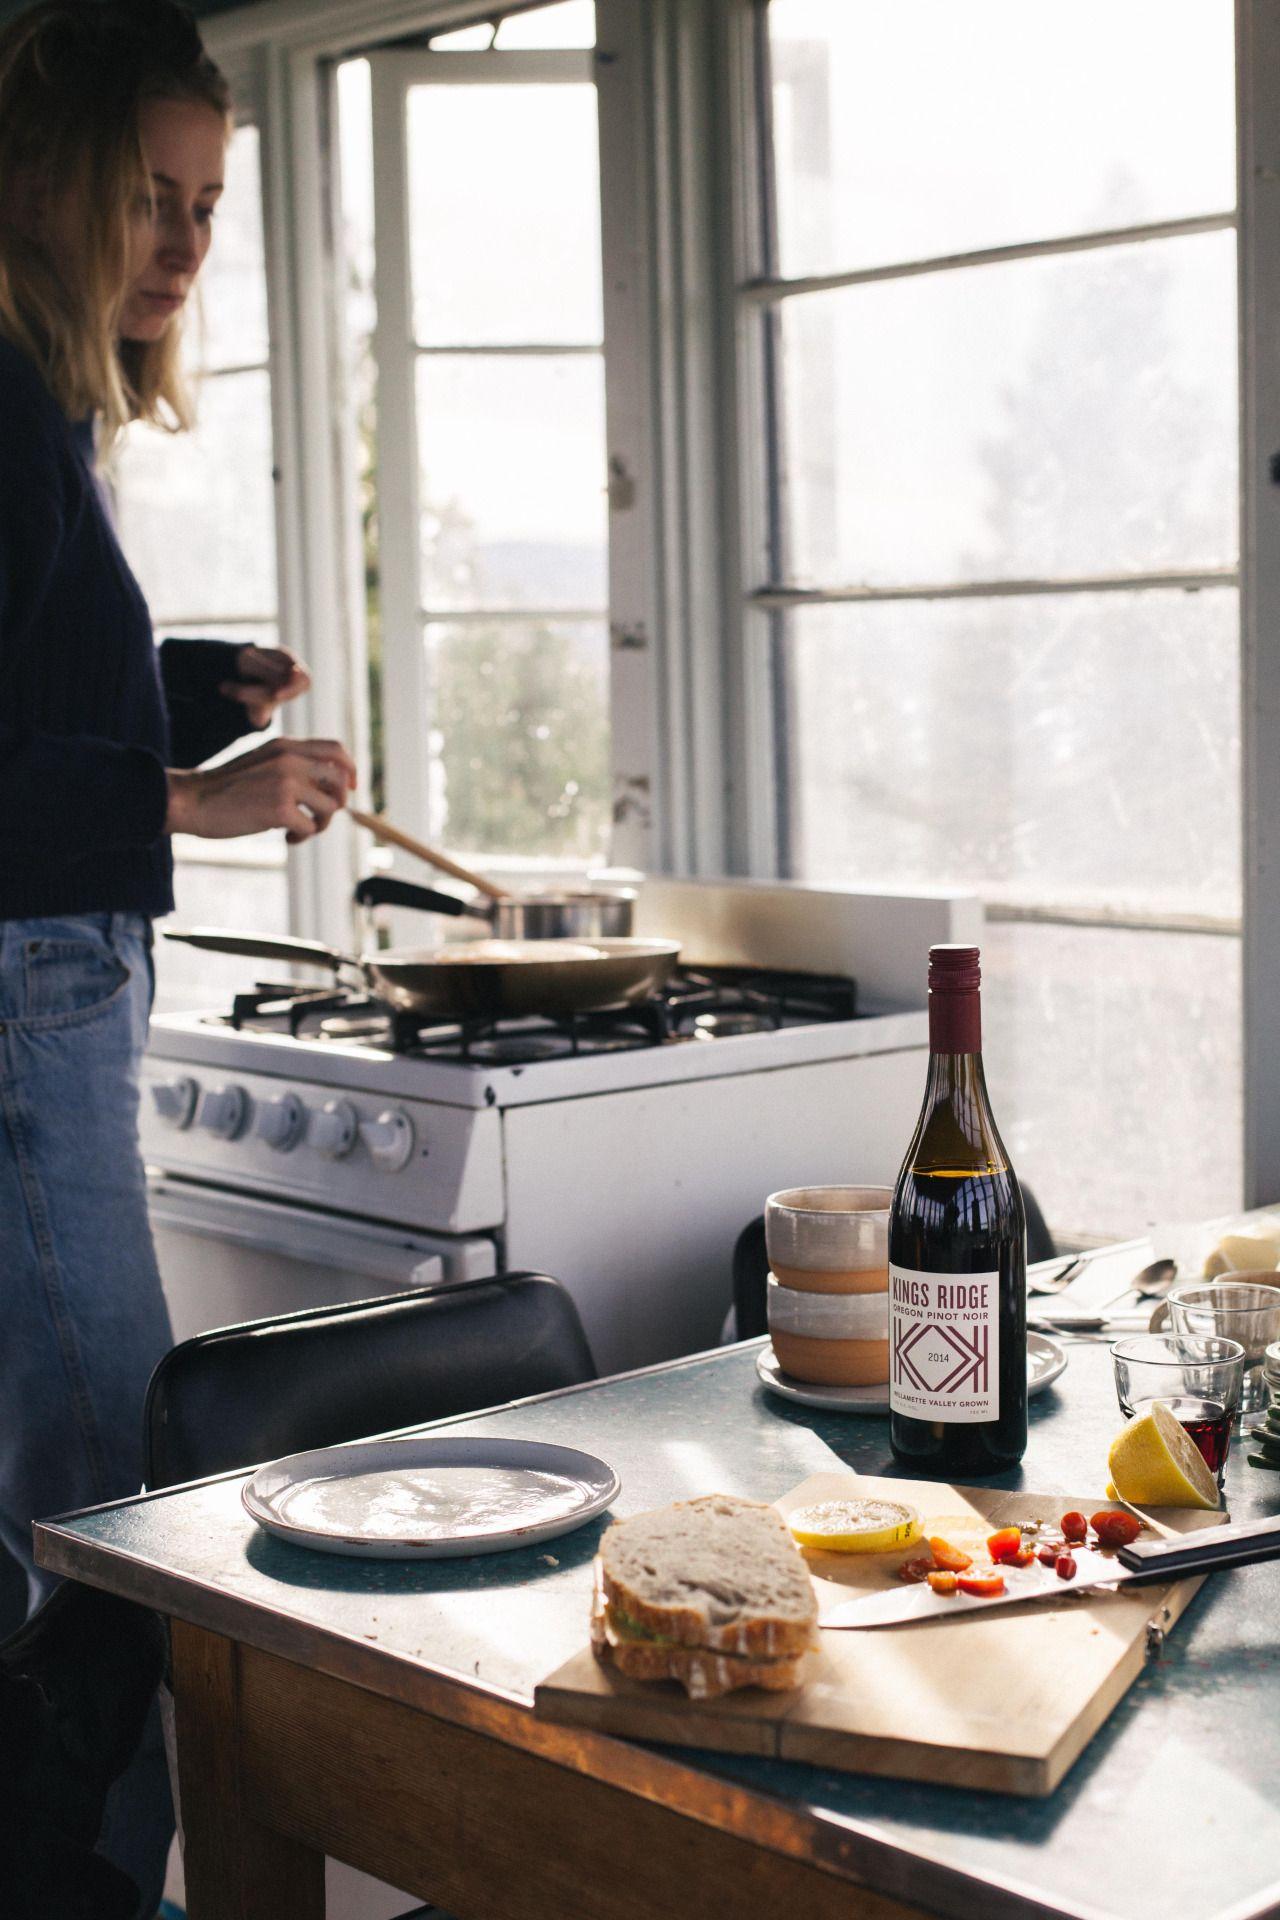 7 неожиданных кулинарных приемов из лучших кулинарных книг ...